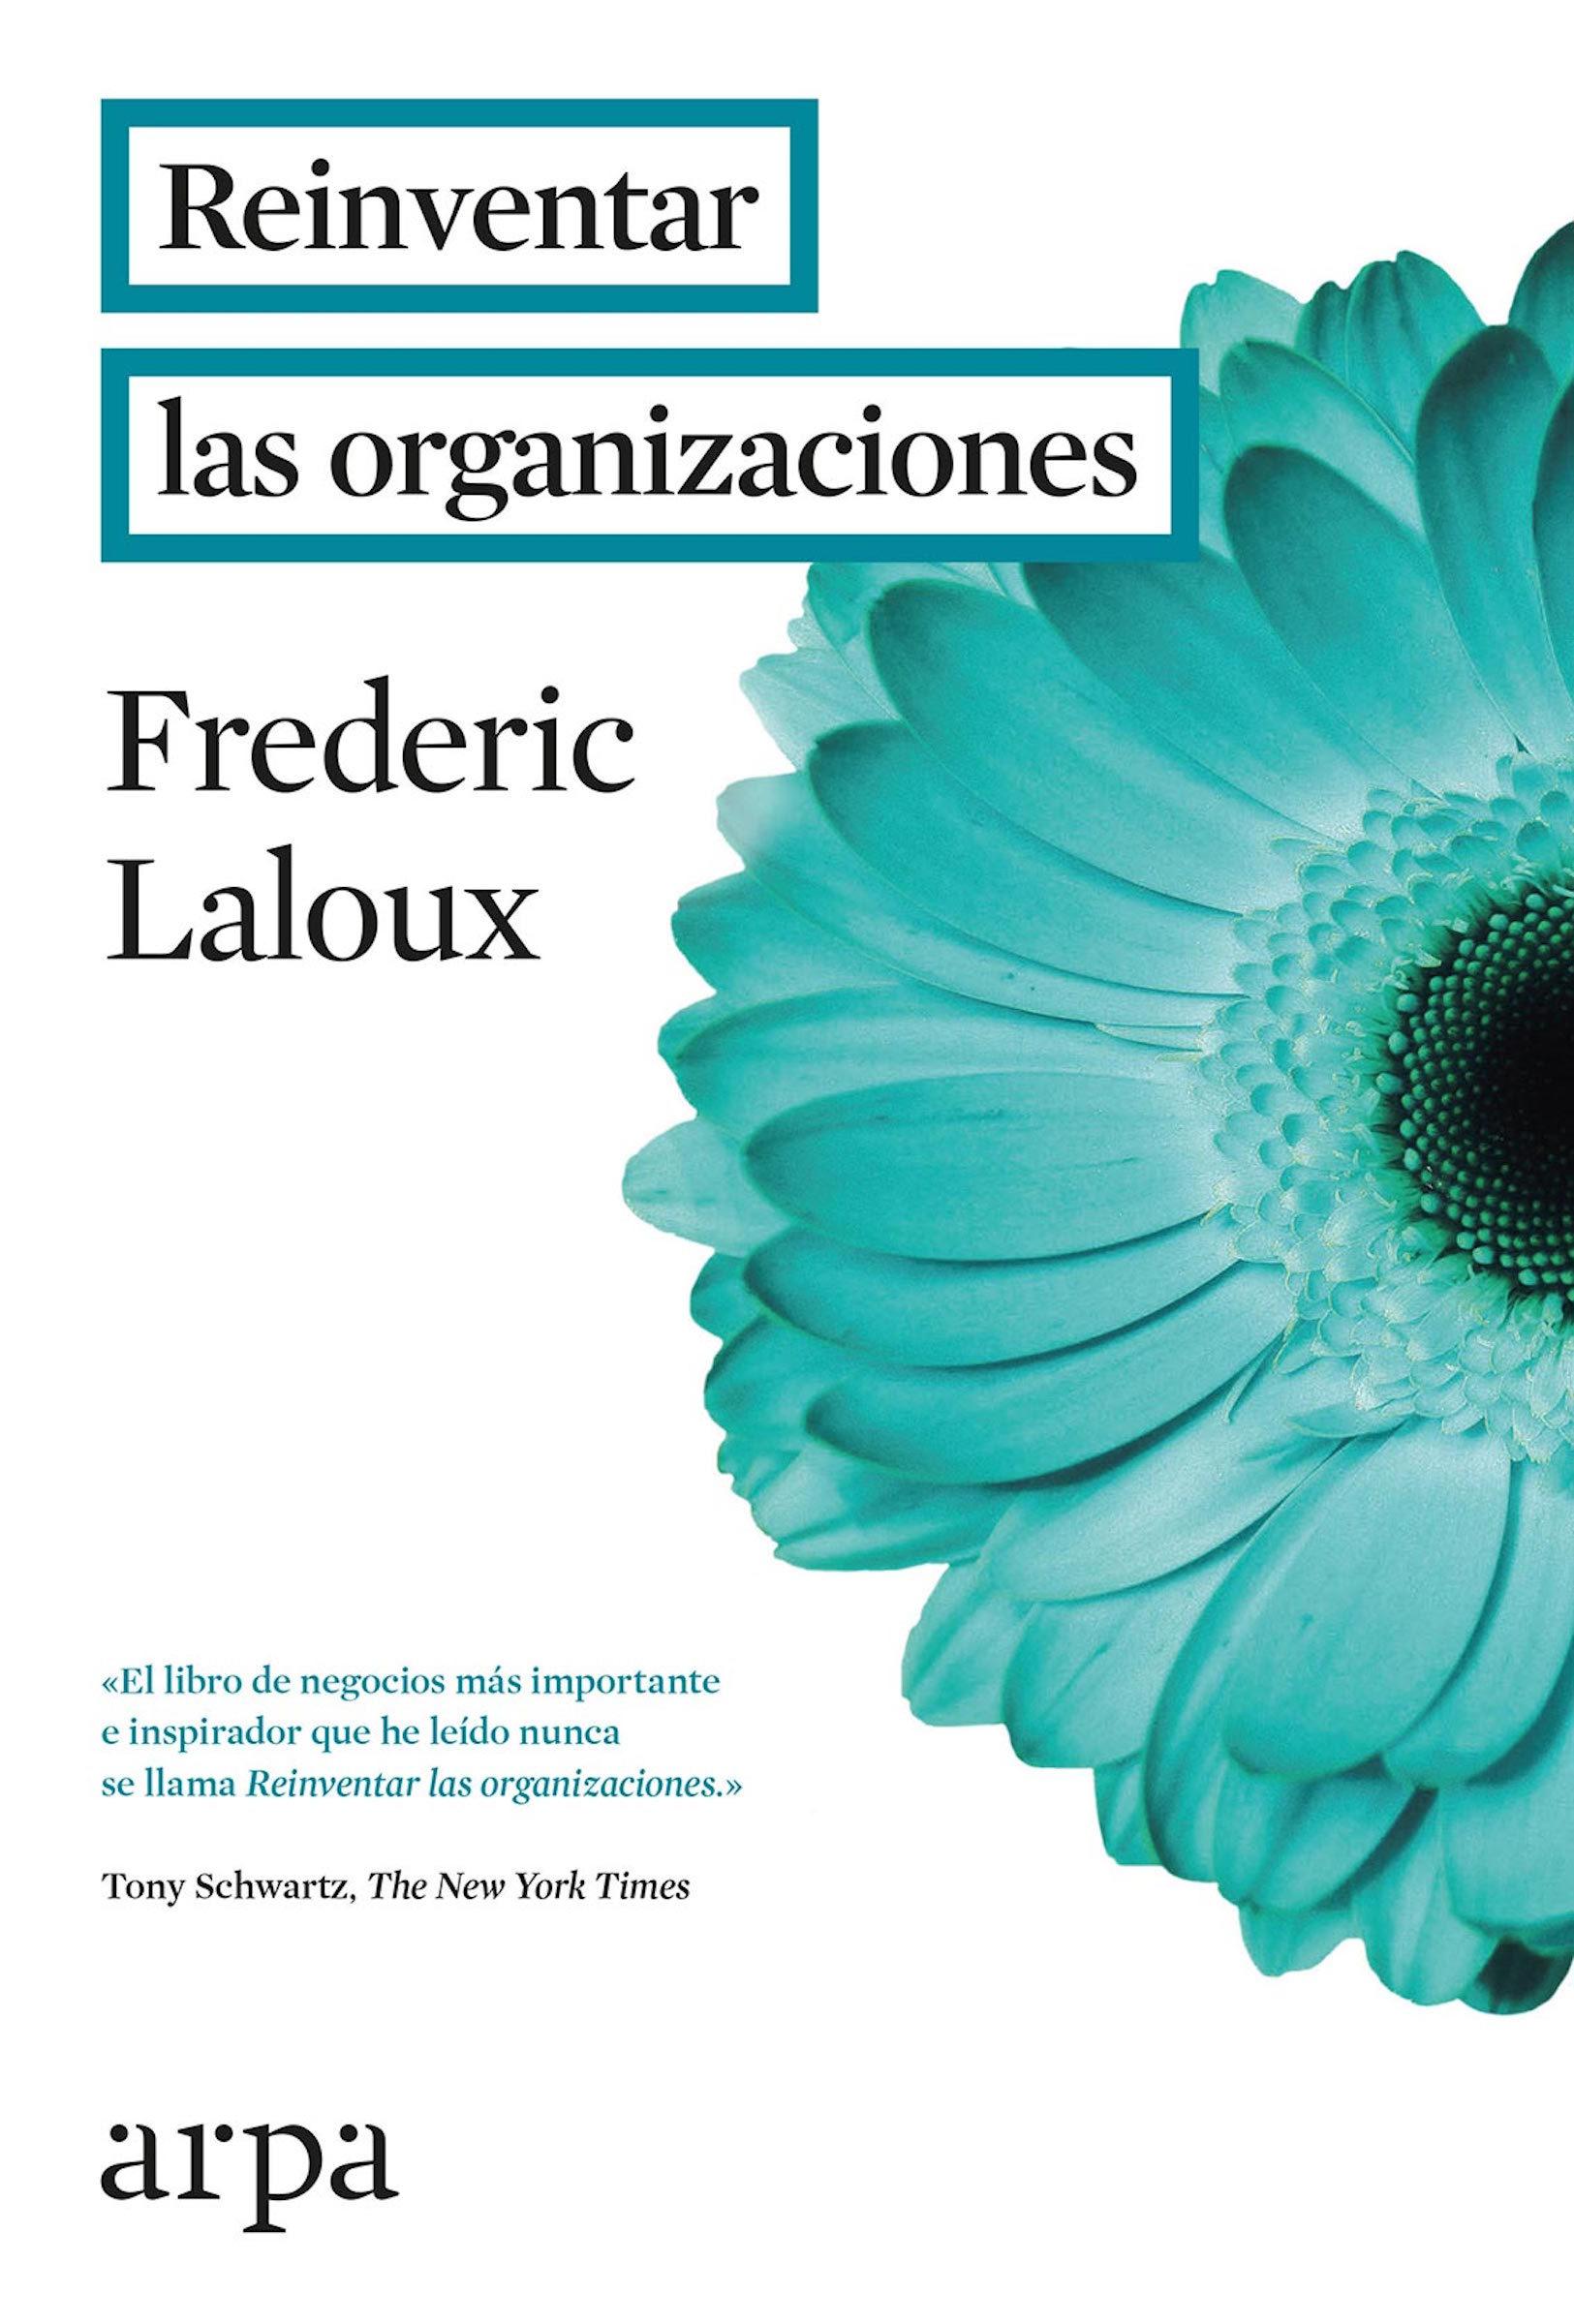 reinventar las organizaciones by Laloux